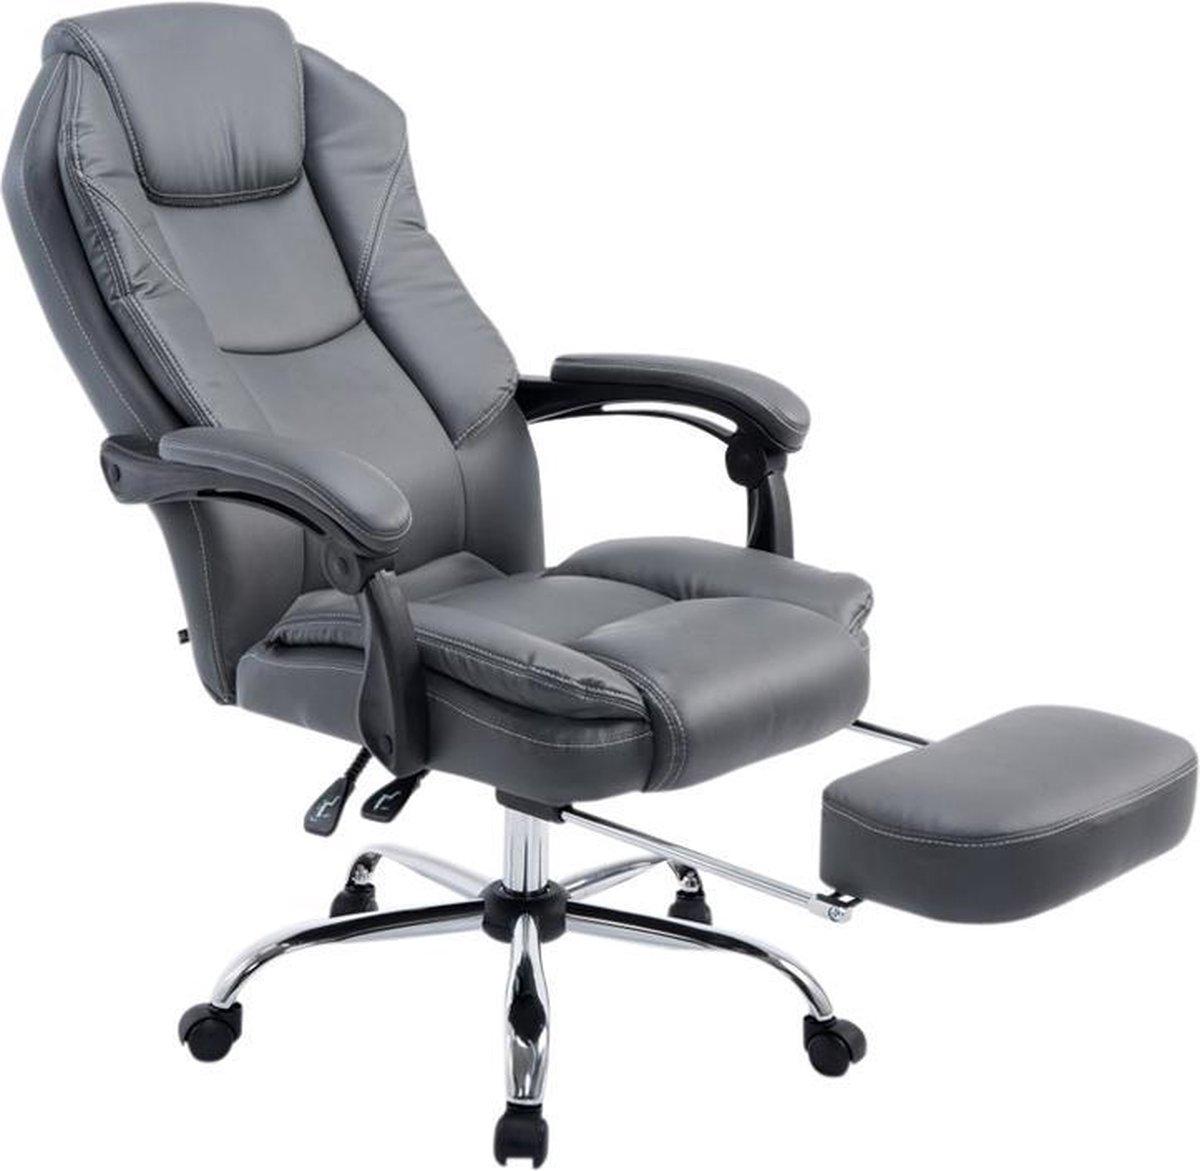 Bureaustoel - Ergonomische bureaustoel - Voetensteun - Kunstleer - Grijs - 64x67x114 cm